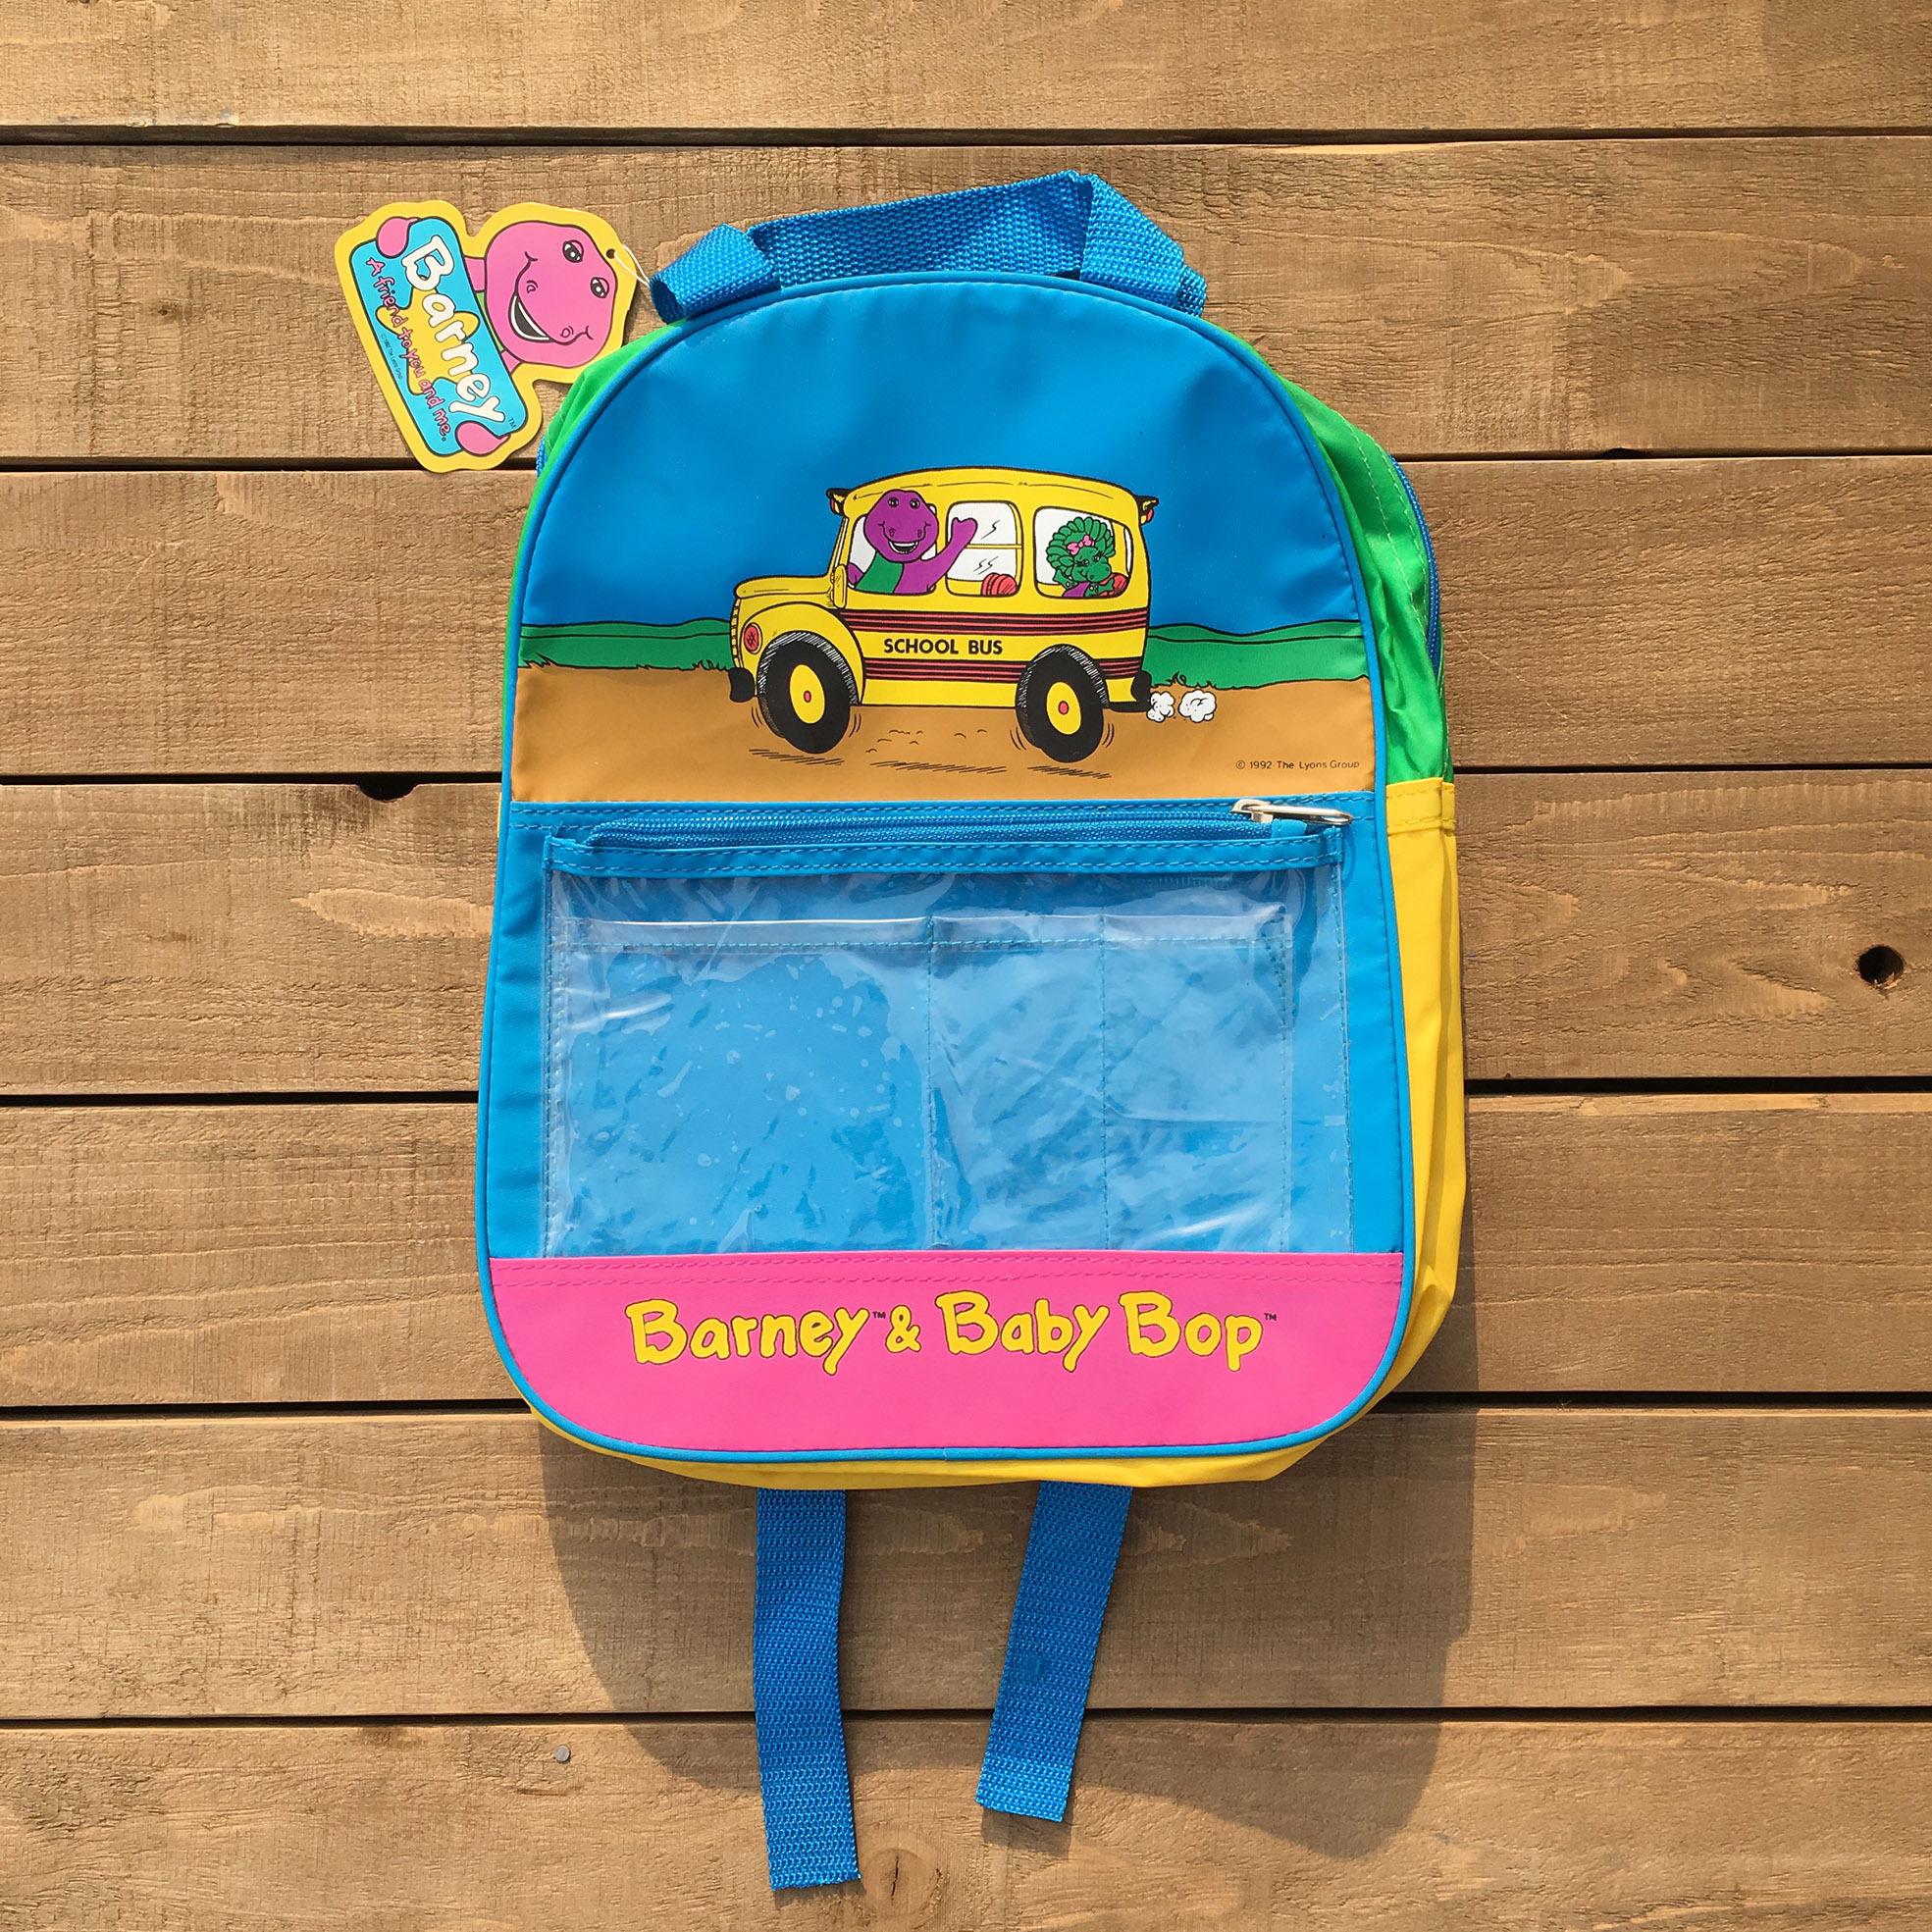 BARNEY Barney Kids Backpack/バーニー バーニー キッズリュック/170329-10